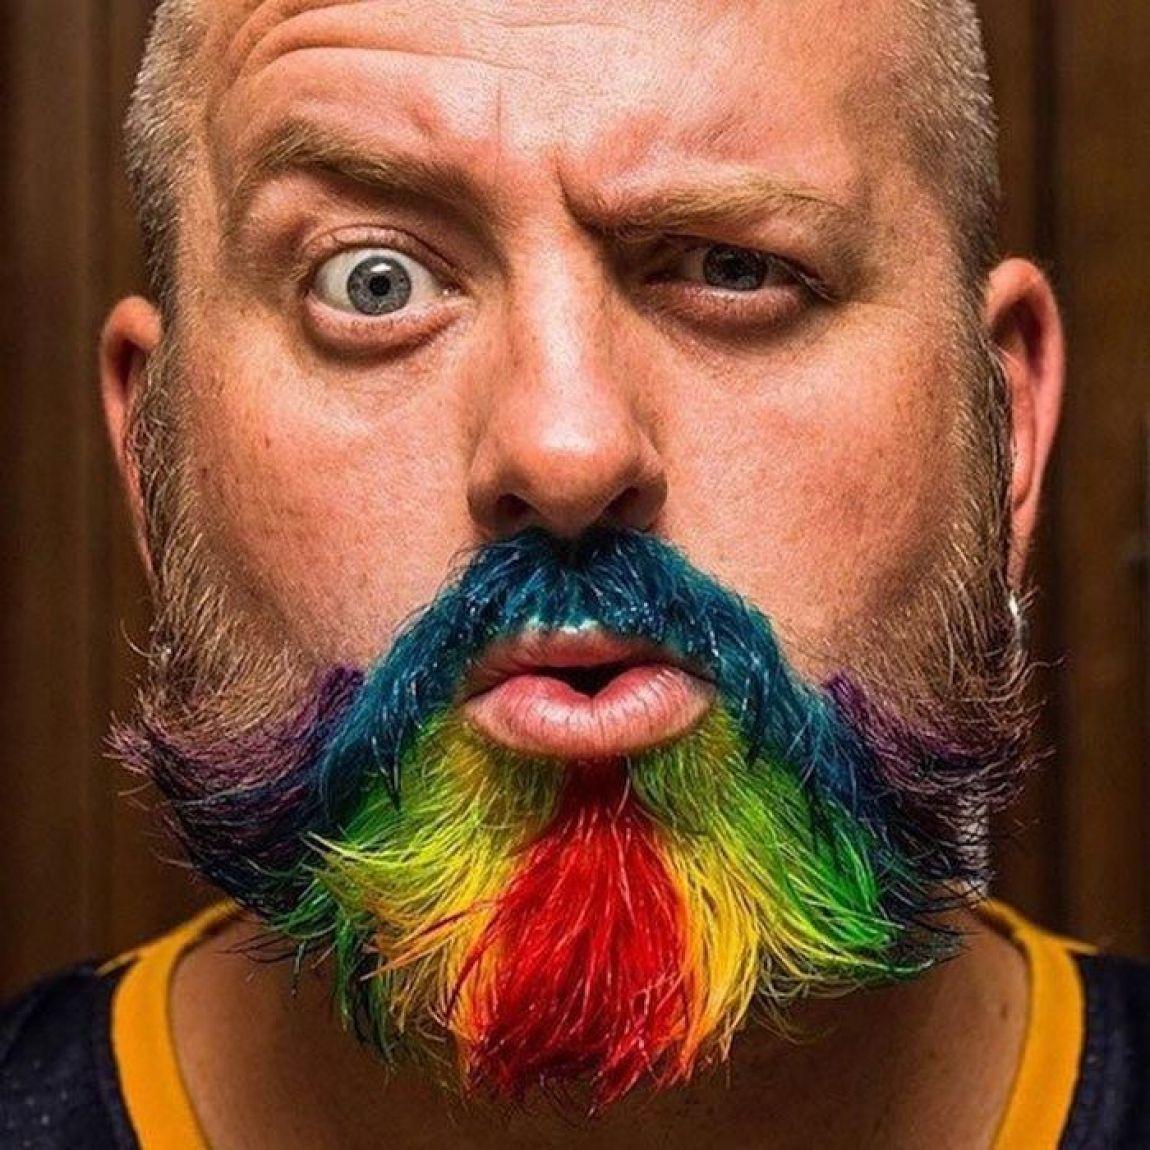 Шерлоком, смешные картинки мужчины с бородой